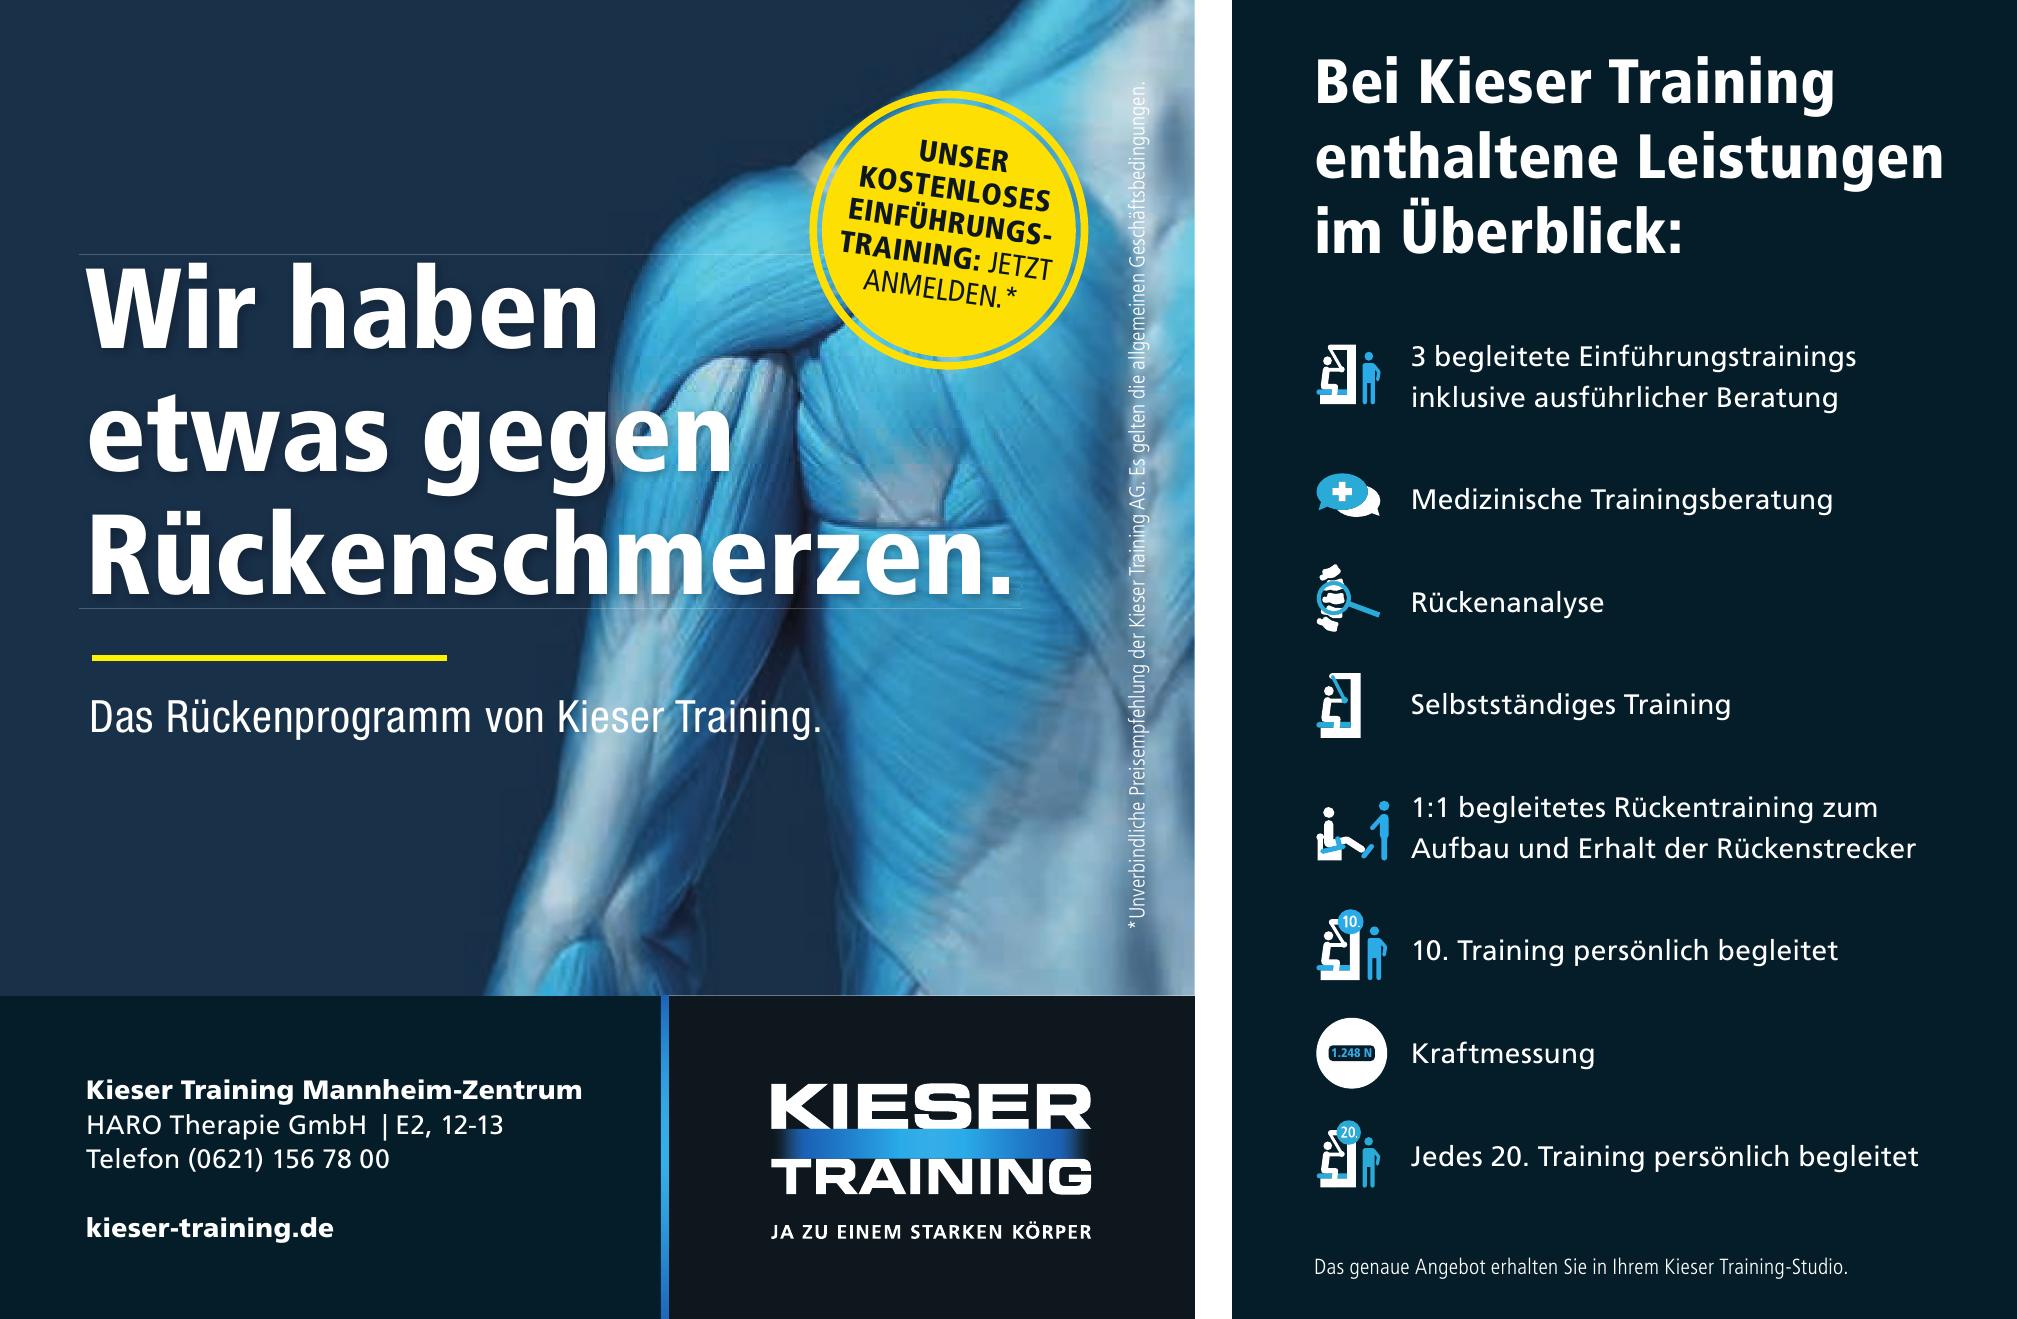 Kieser Training Mannheim-Zentrum HARO Therapie GmbH